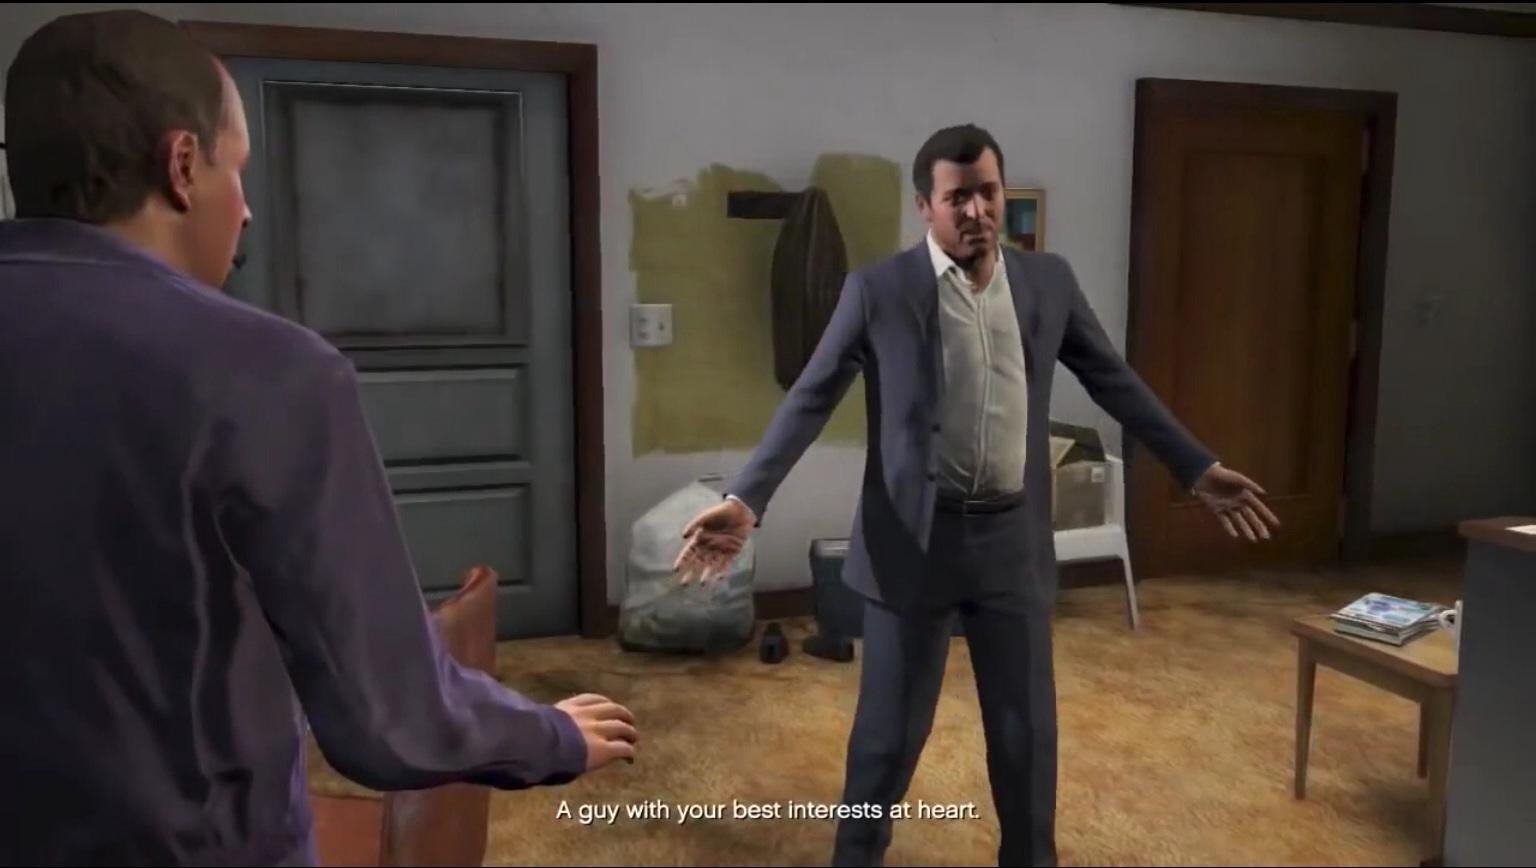 Harvey Molina's apartment